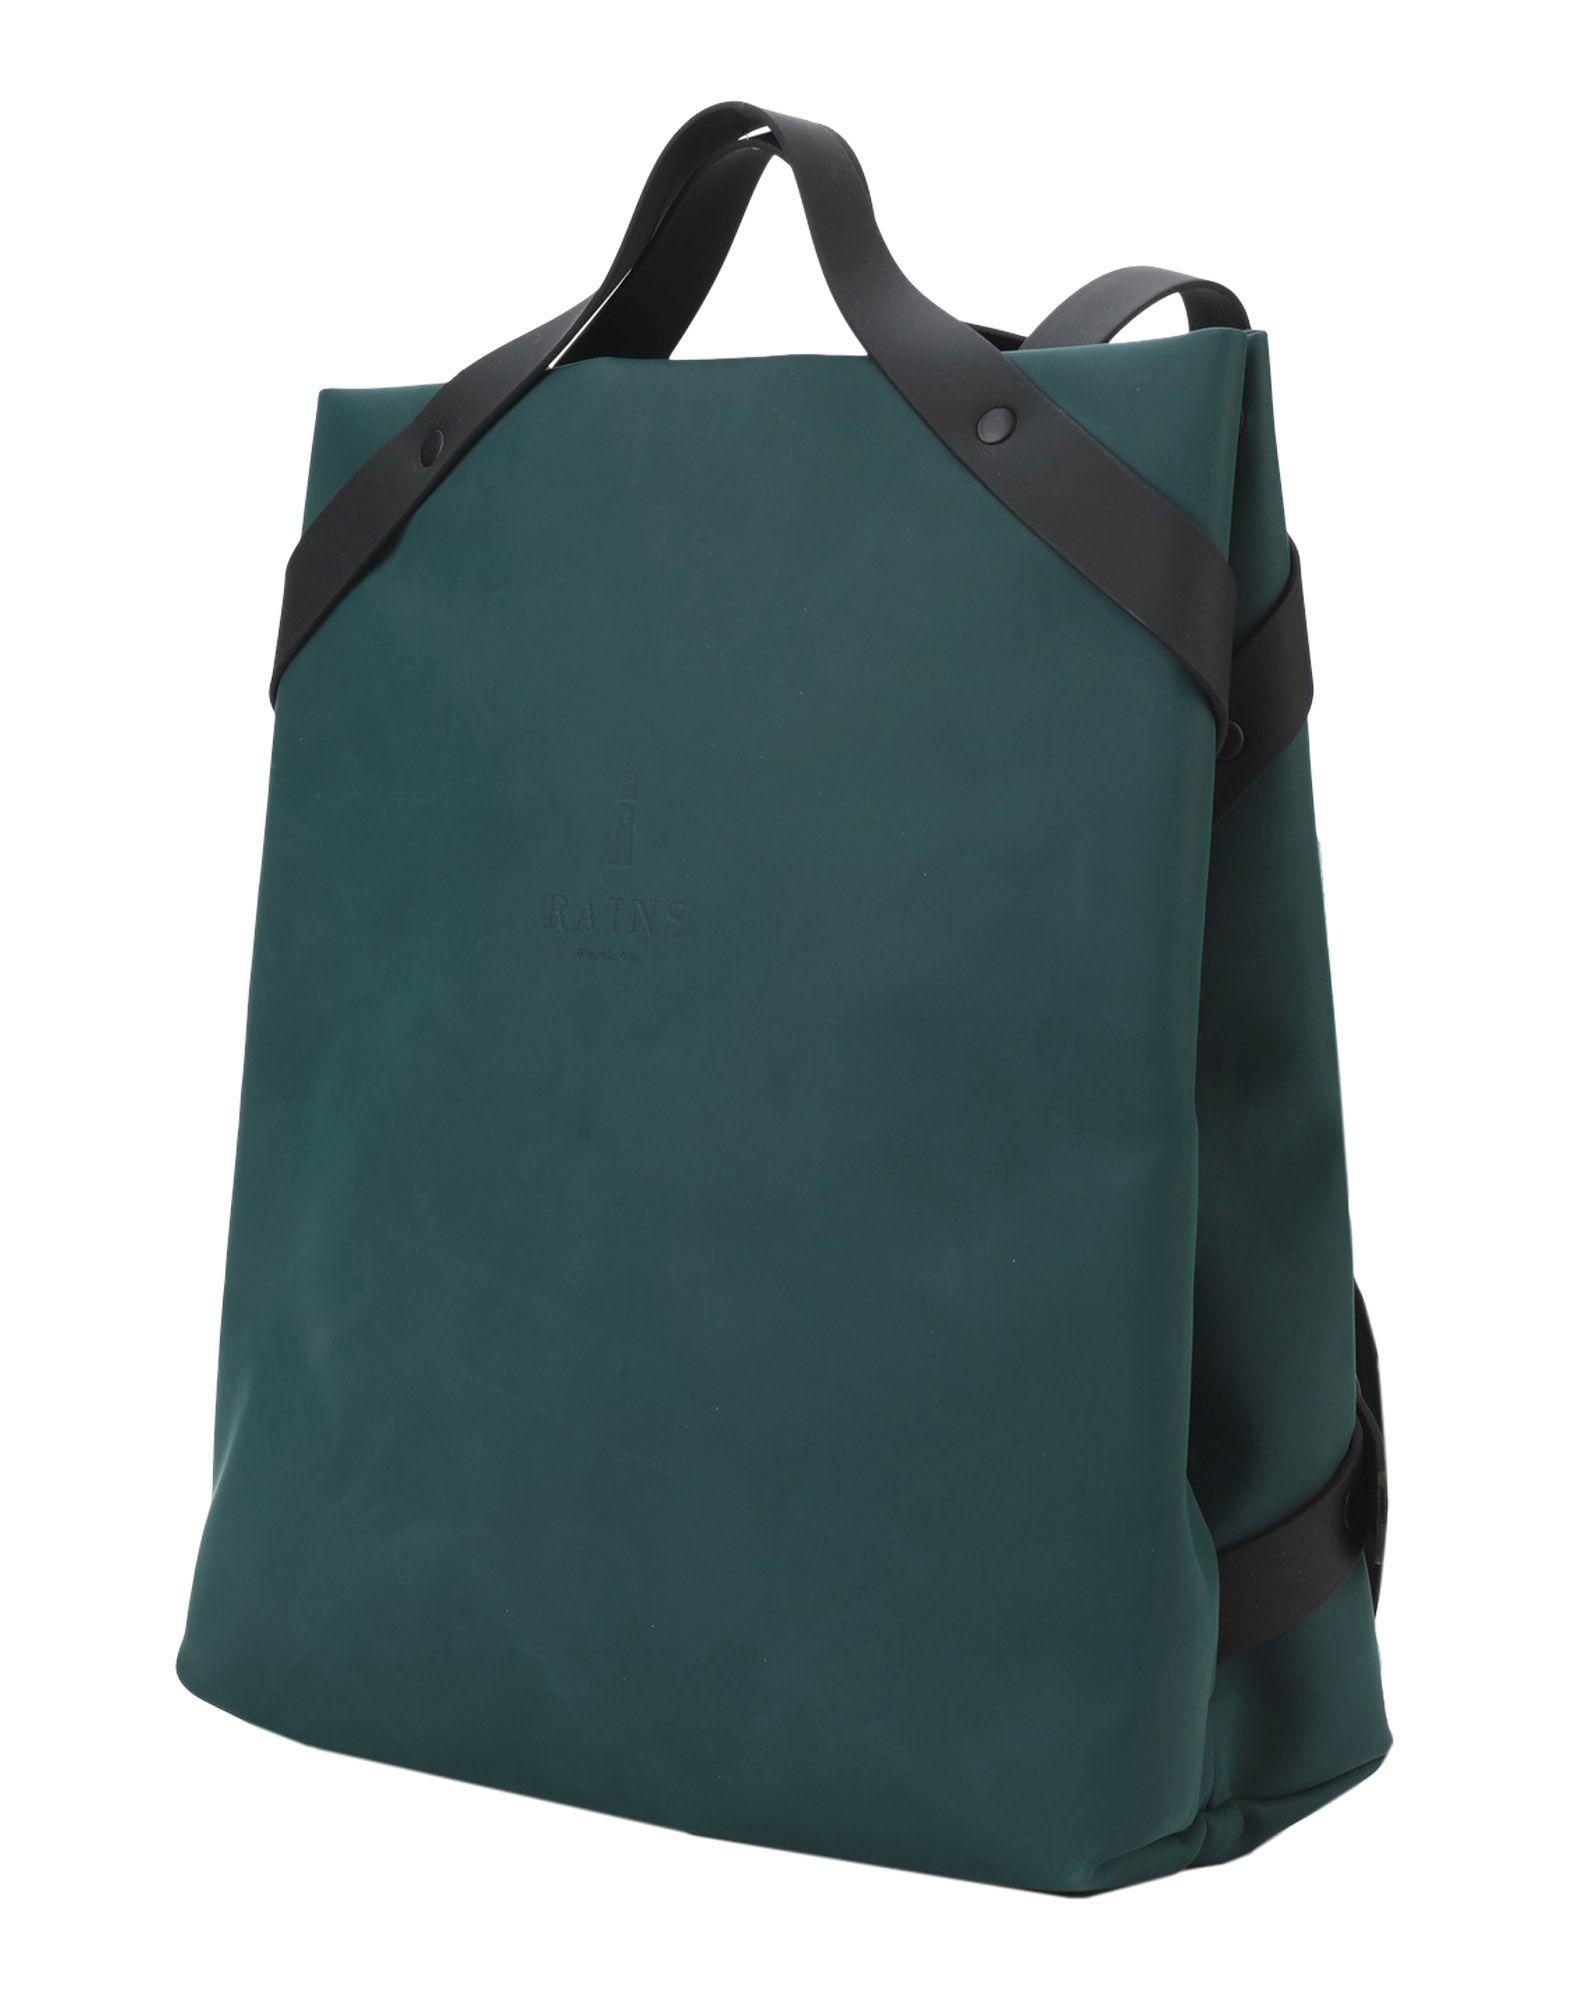 RAINS Рюкзаки и сумки на пояс дизайнер высокое качество натуральная кожа женские винтажные овчины твердые школьные сумки mochilas mujer 2017 рюкзаки для девочек